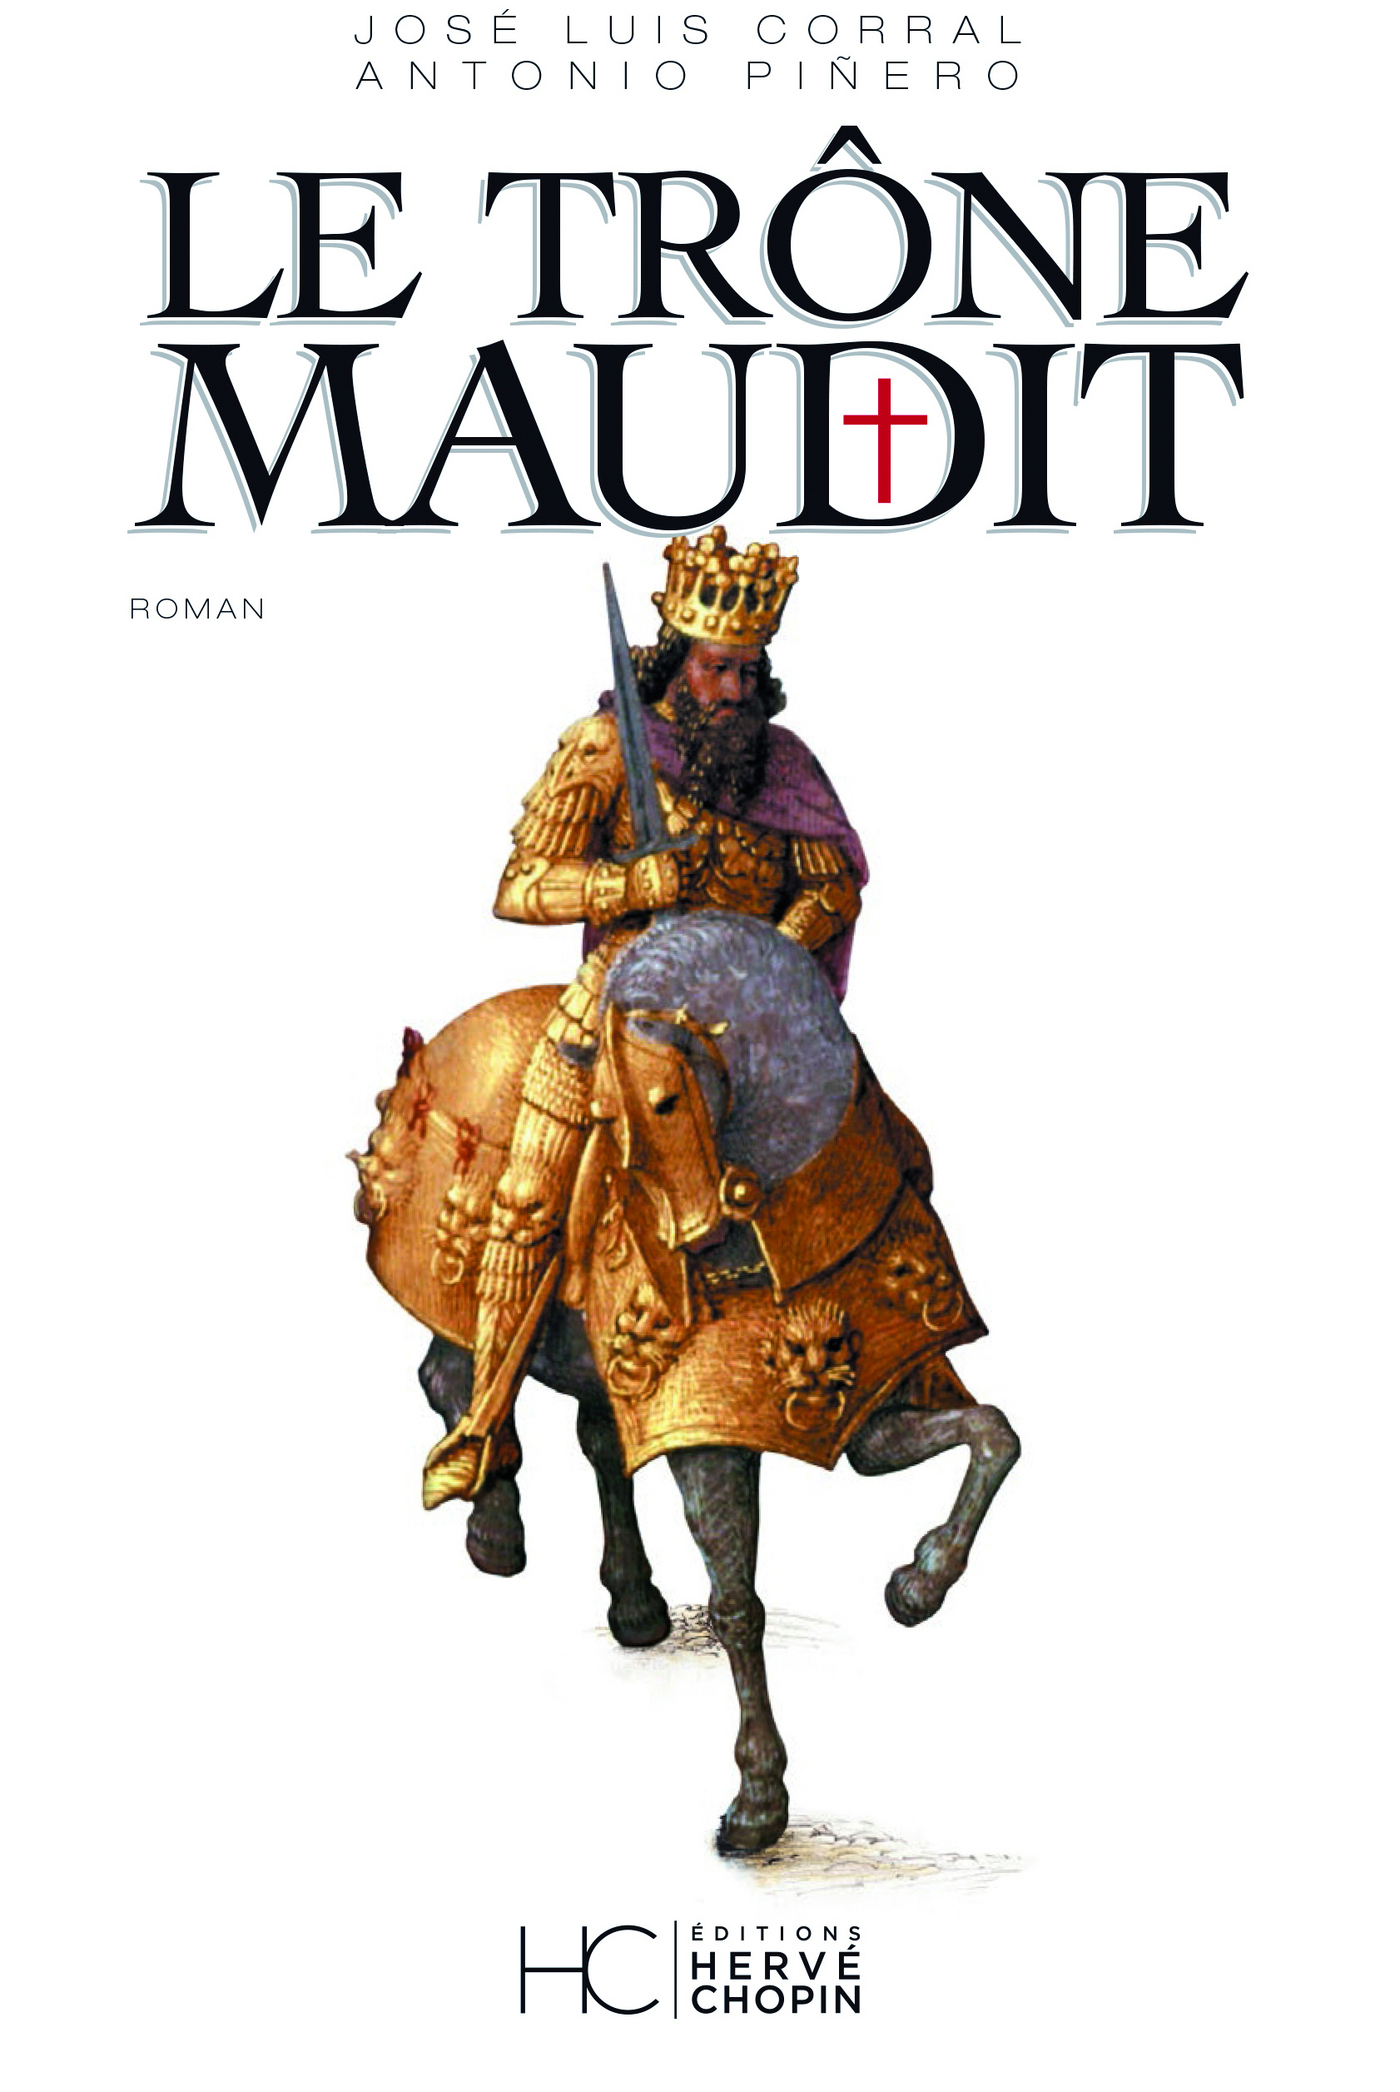 Le trône maudit